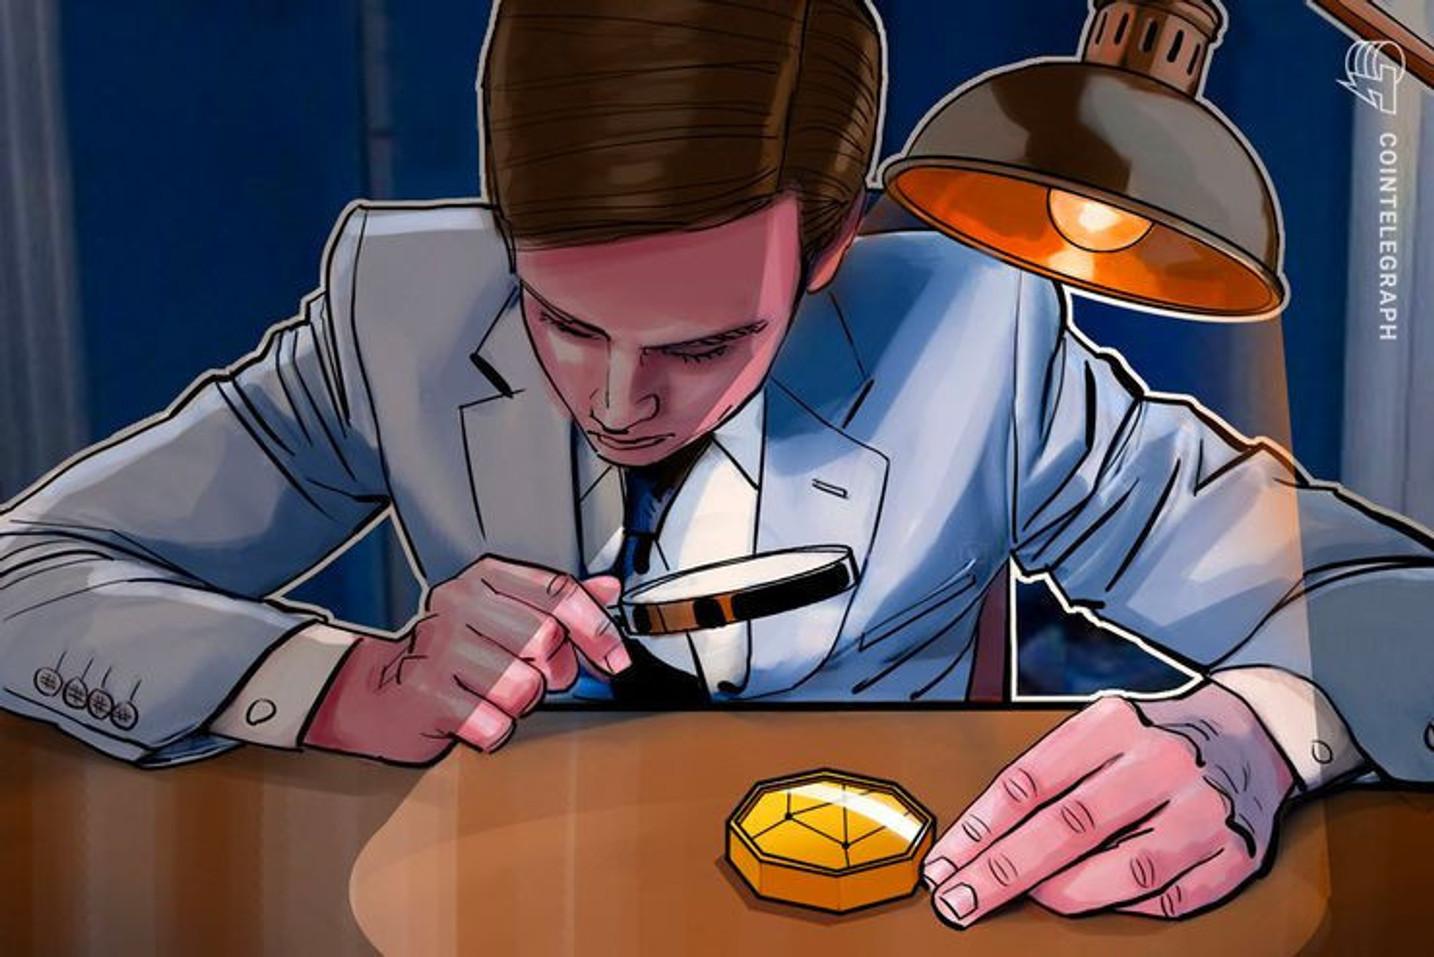 Se han realizado más de 3.1 billones de transacciones en la Blockchain en los últimos 10 años